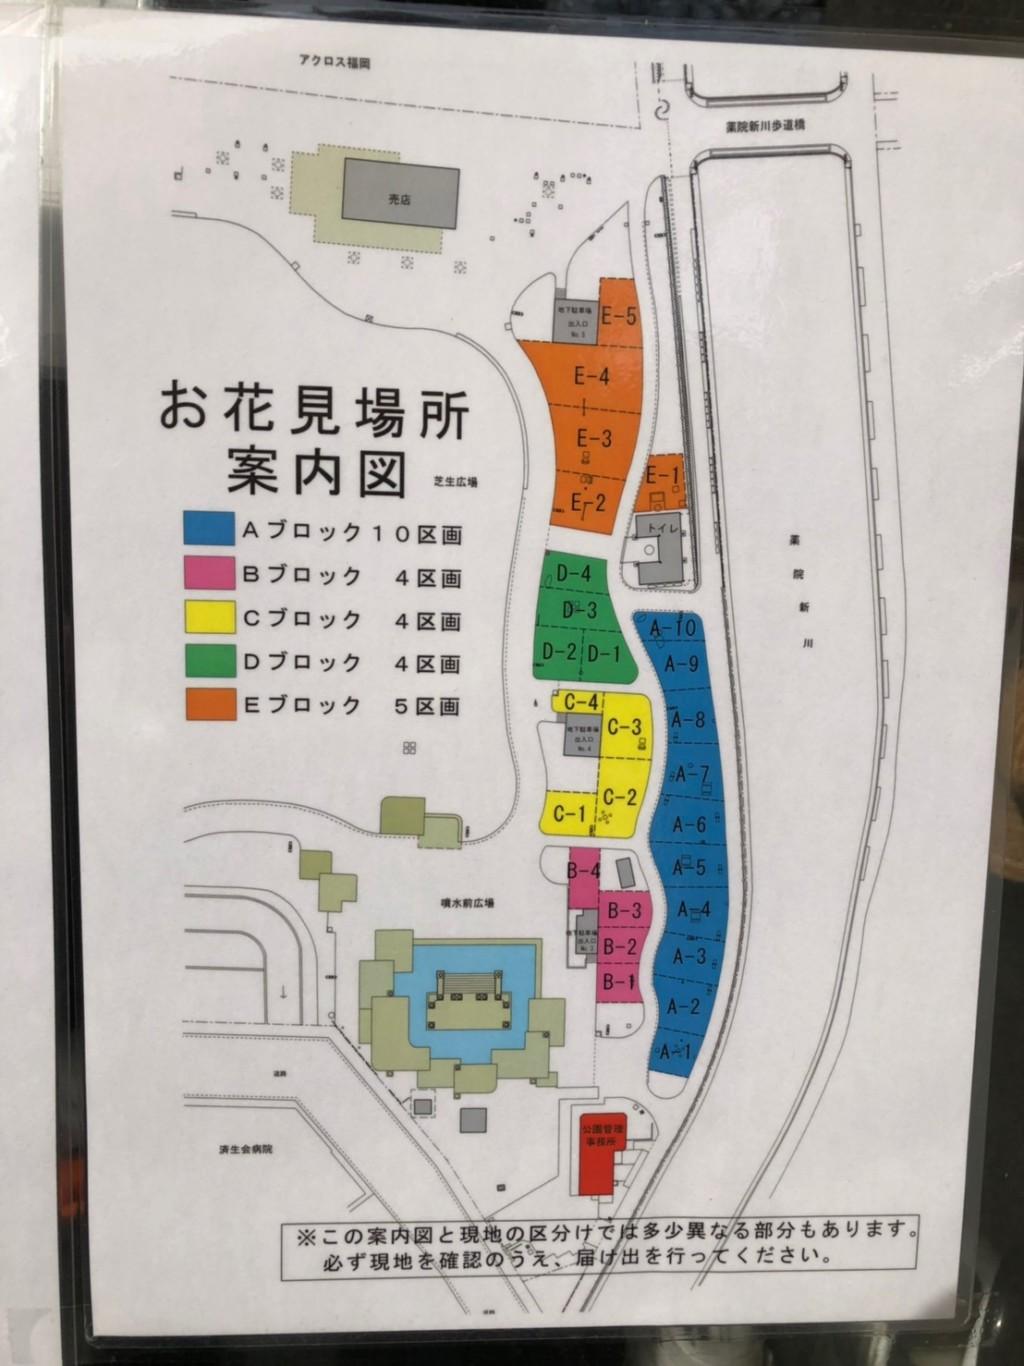 福岡の天神中央公園での花見の予約:区画番号